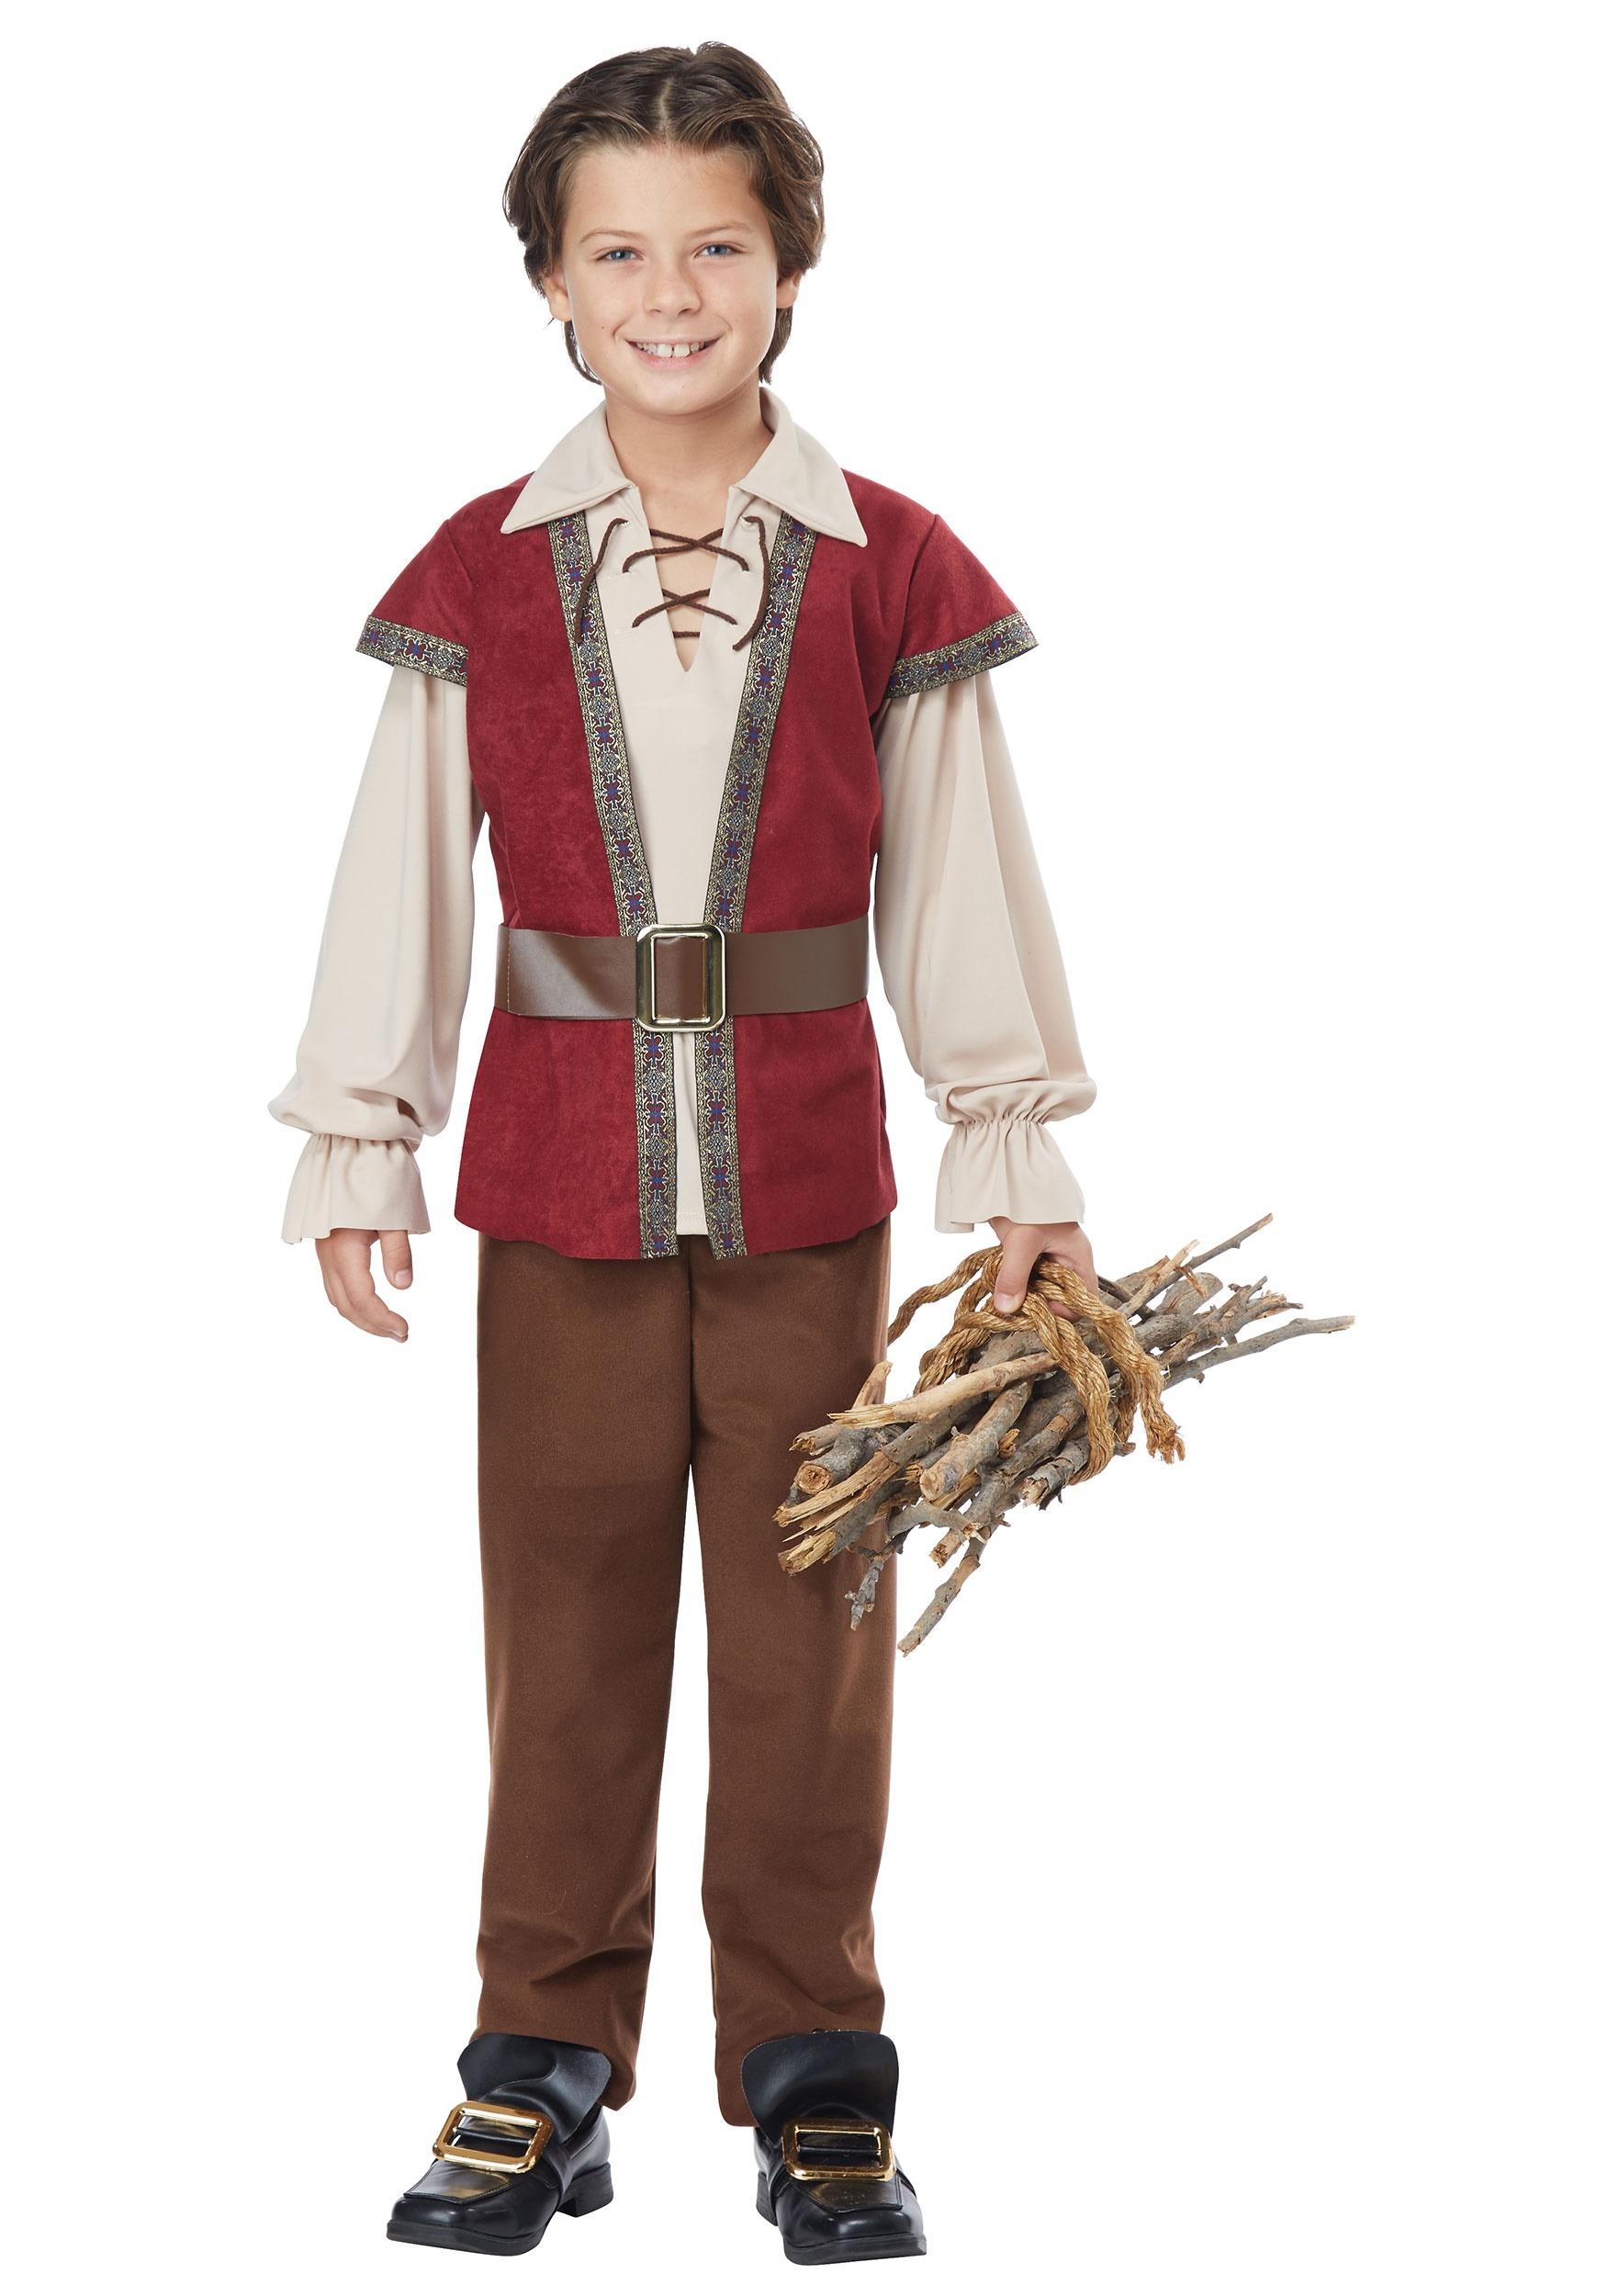 Kids Renaissance Costume for a Boy